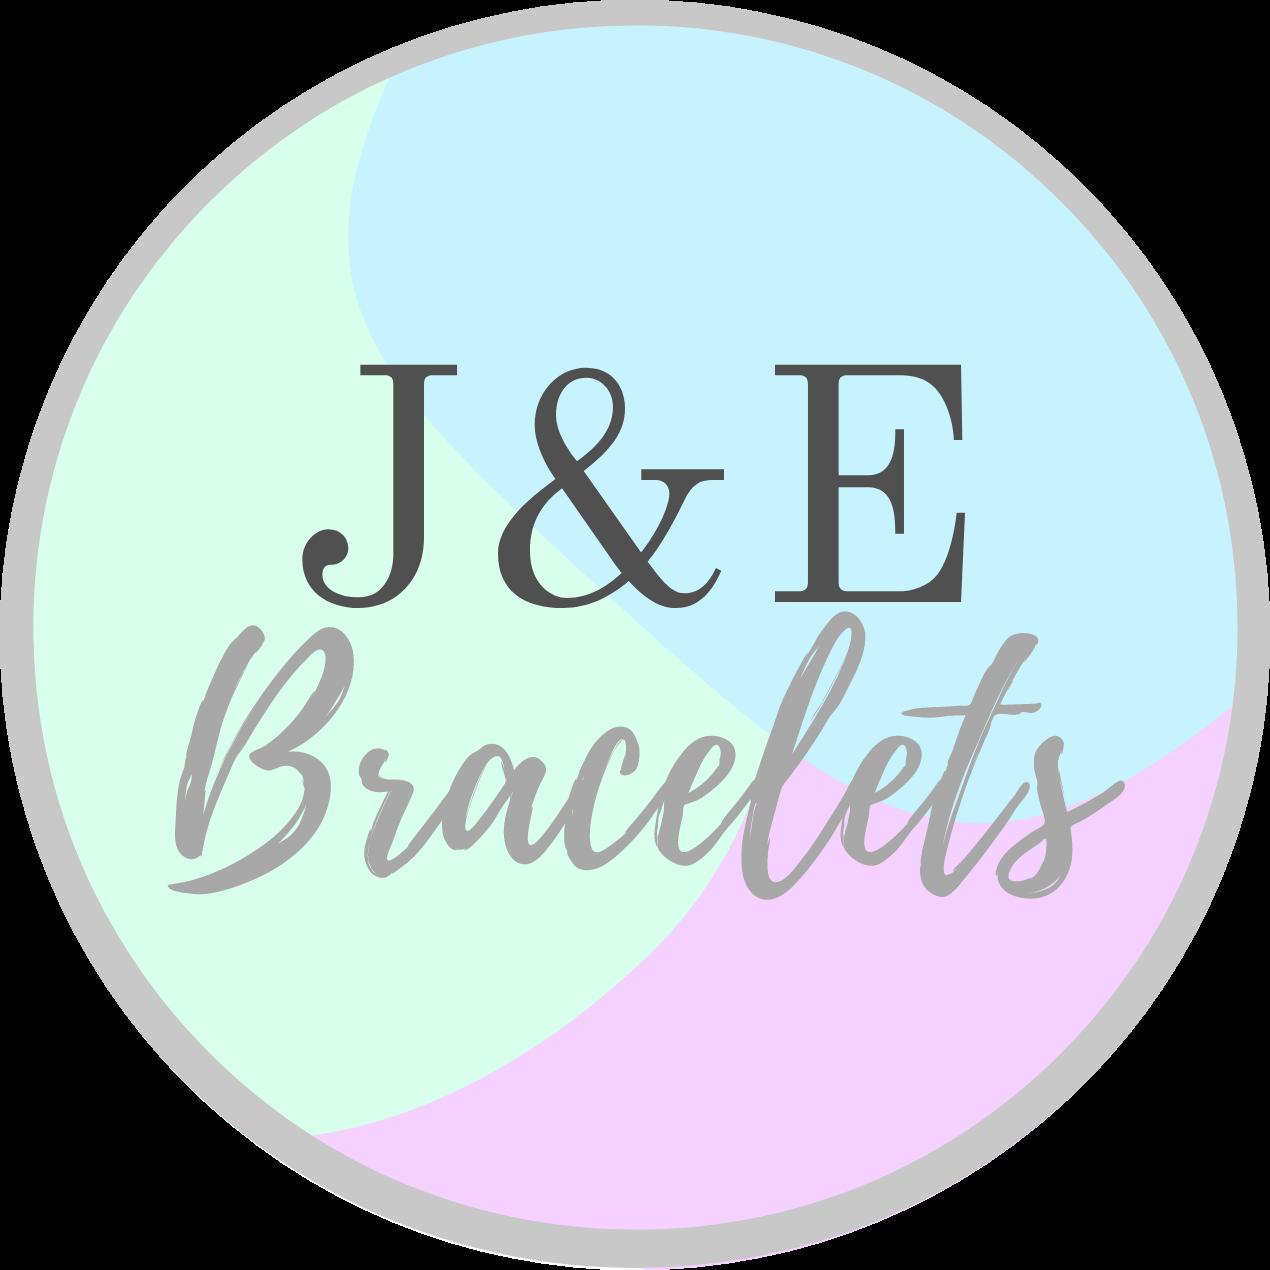 J&E Bracelets